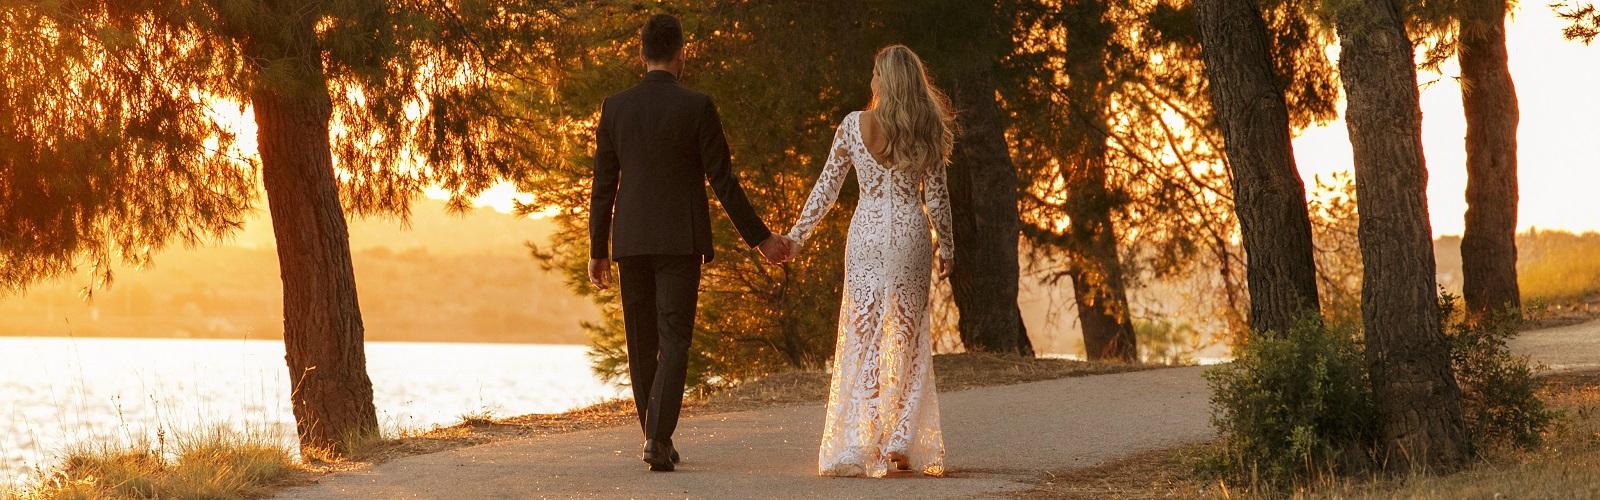 γάμος ποσοστό επιτυχίας σε απευθείας σύνδεση dating